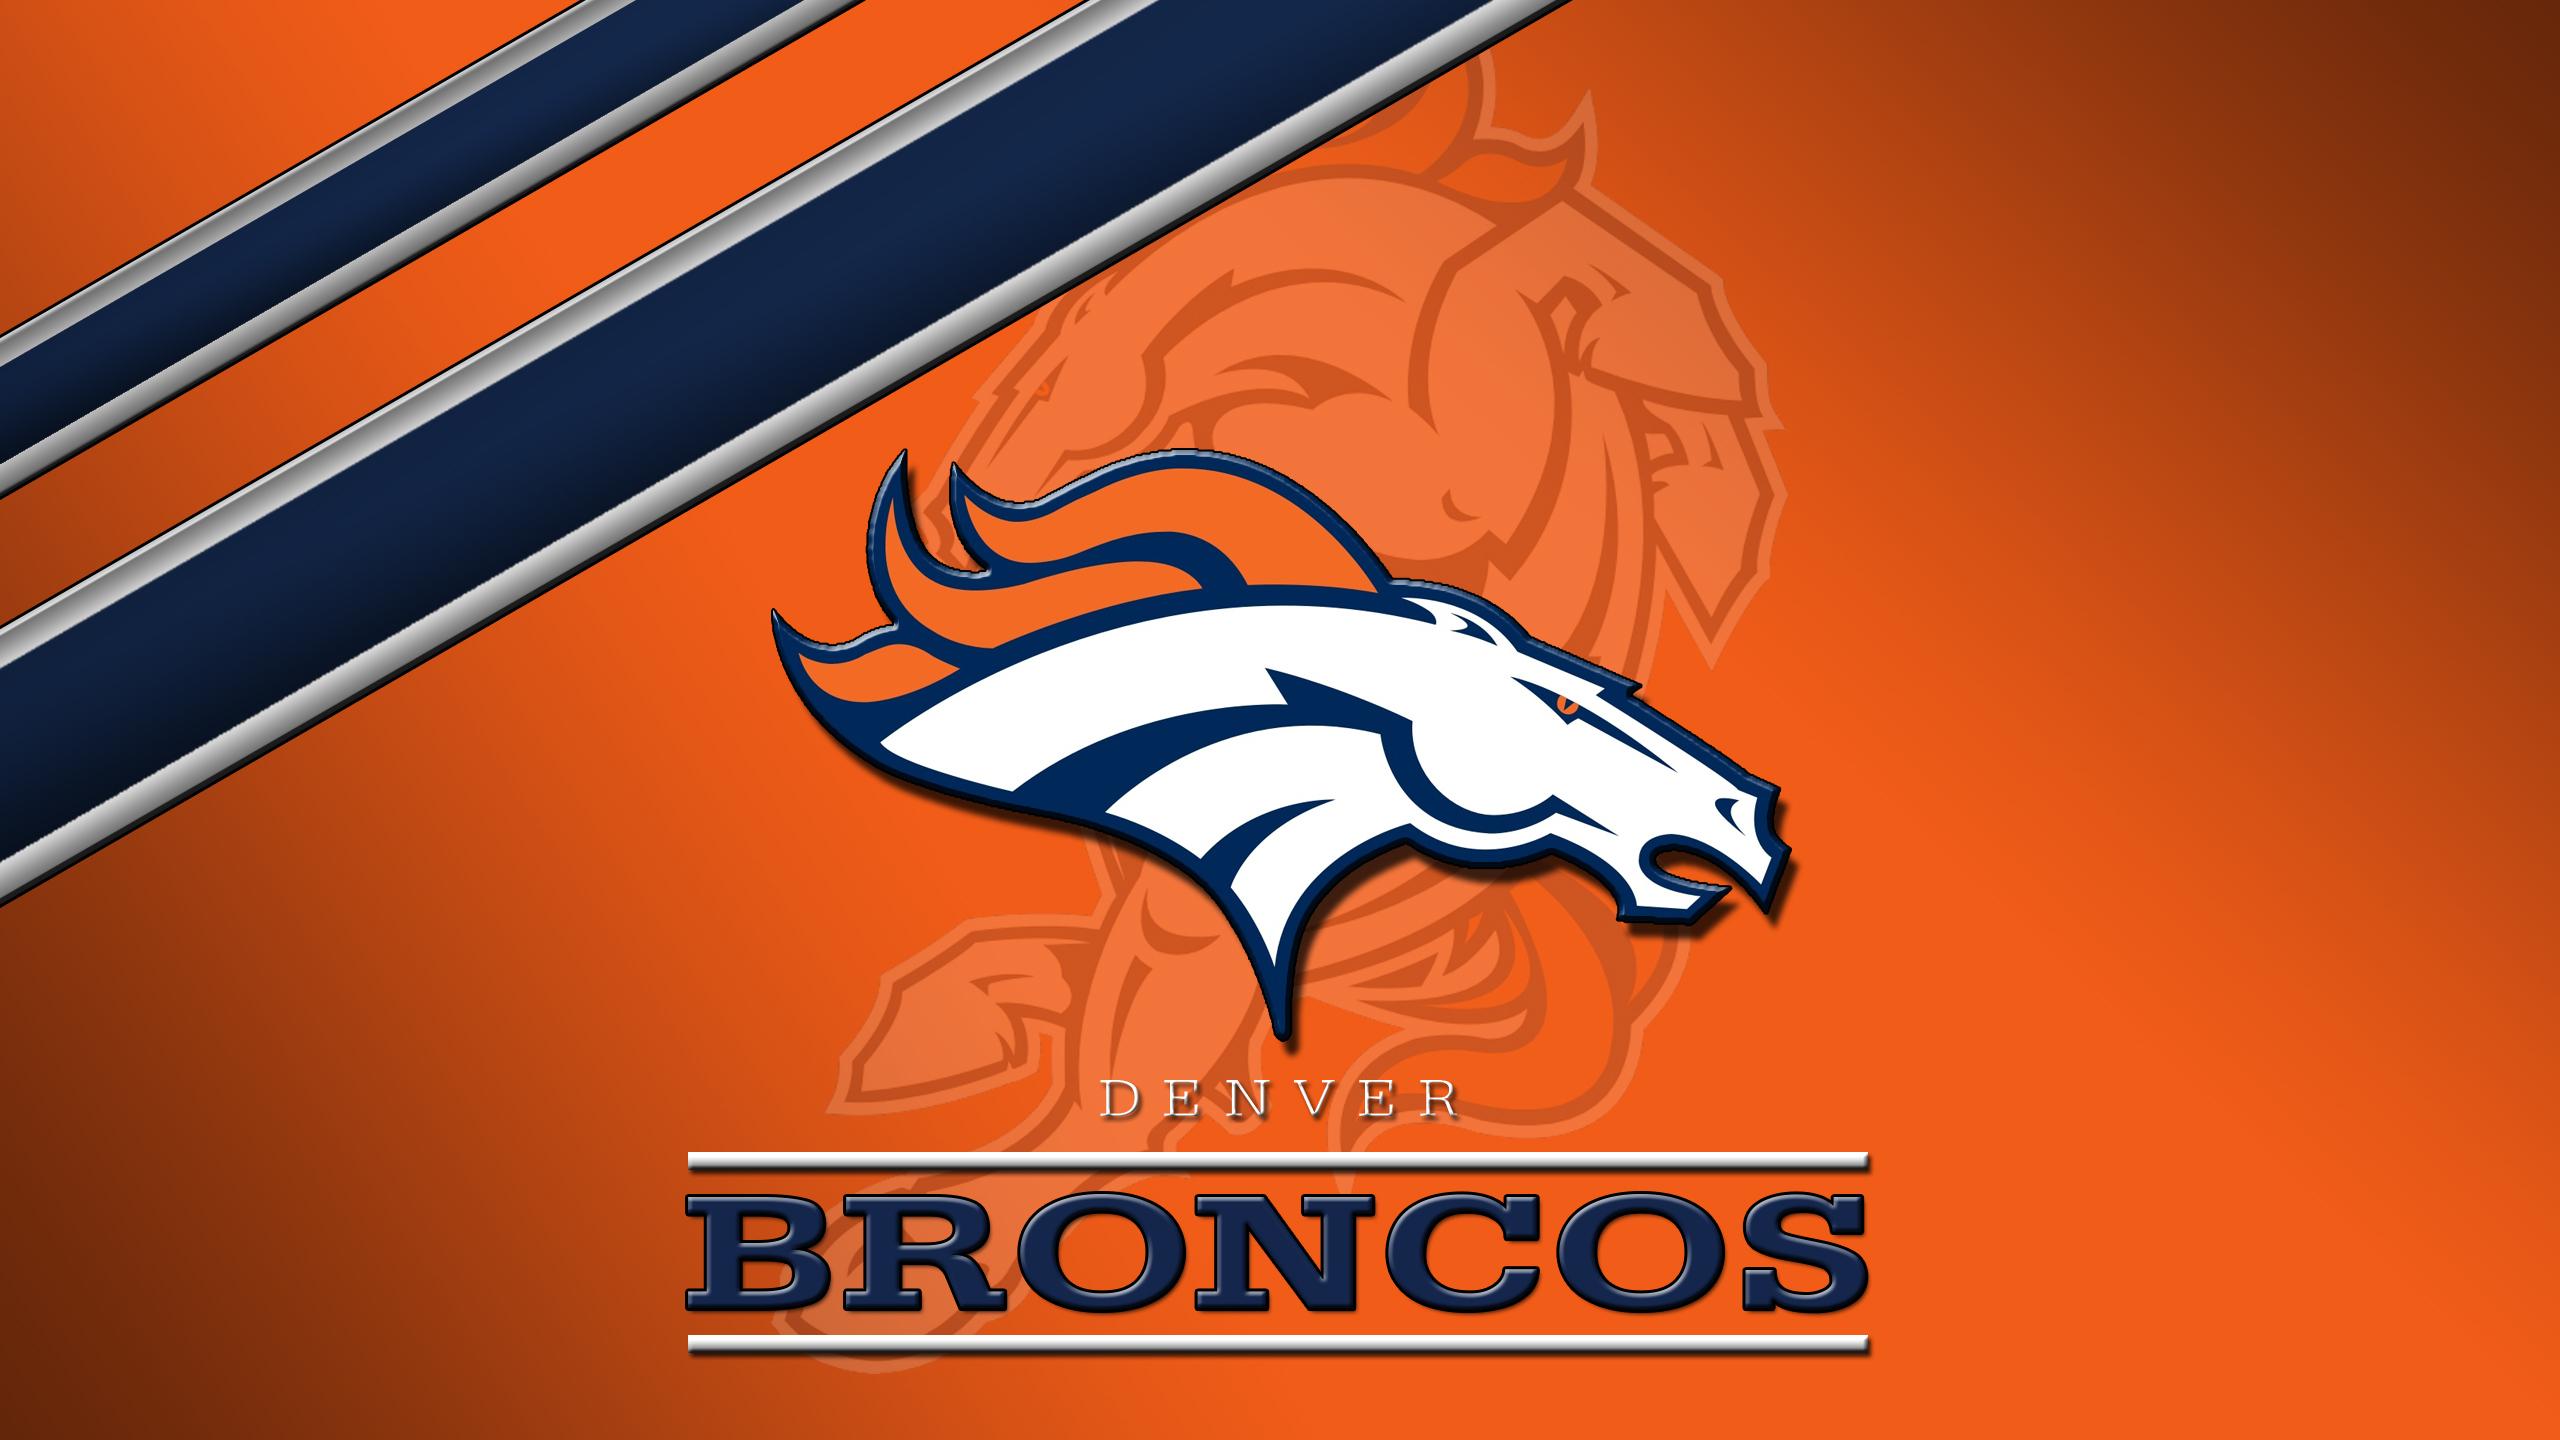 Denver Broncos Wallpaper 2560x1440